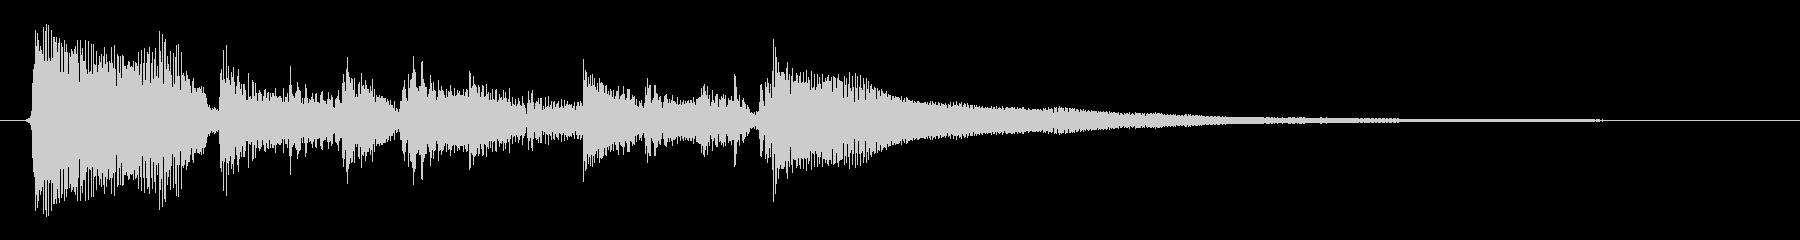 ★アコギジングル23/暖かい、レトロの未再生の波形